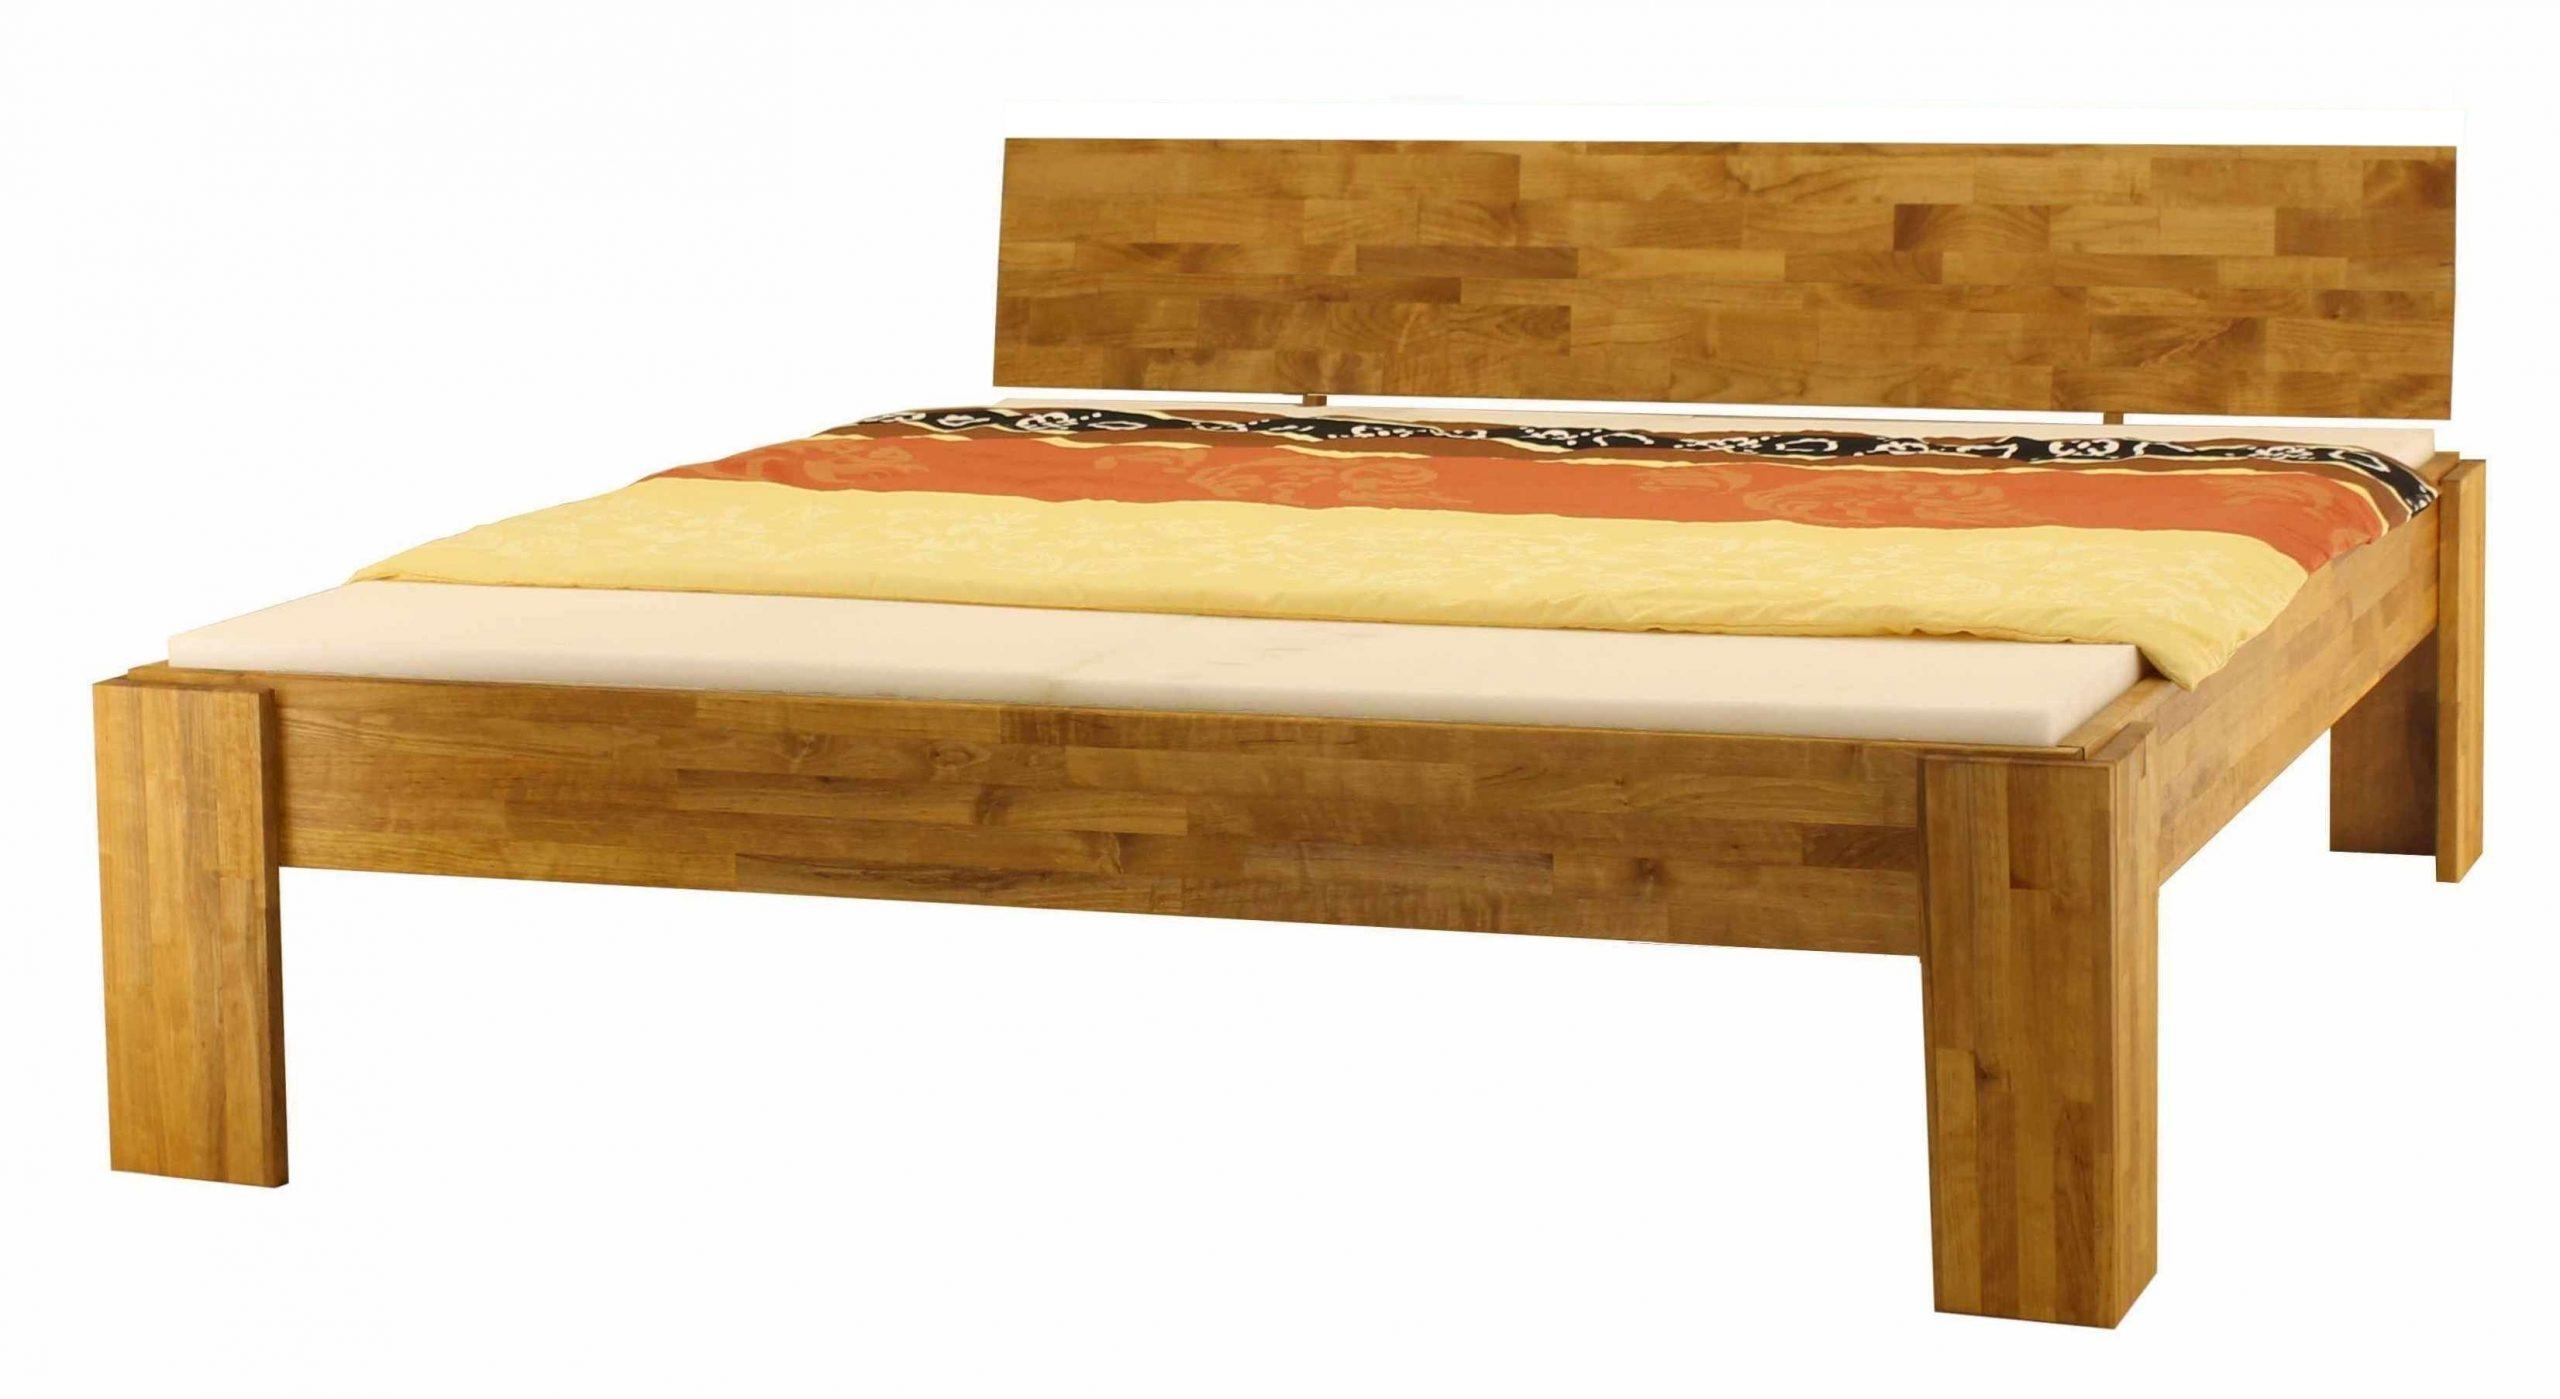 Full Size of Esstisch Holz Ebay Betten Gebrauchte Vollholzküche Massivholz Regal 180x200 Flexa Bett Teenager Holzofen Küche Bad Waschtisch Außergewöhnliche Bett Betten Holz